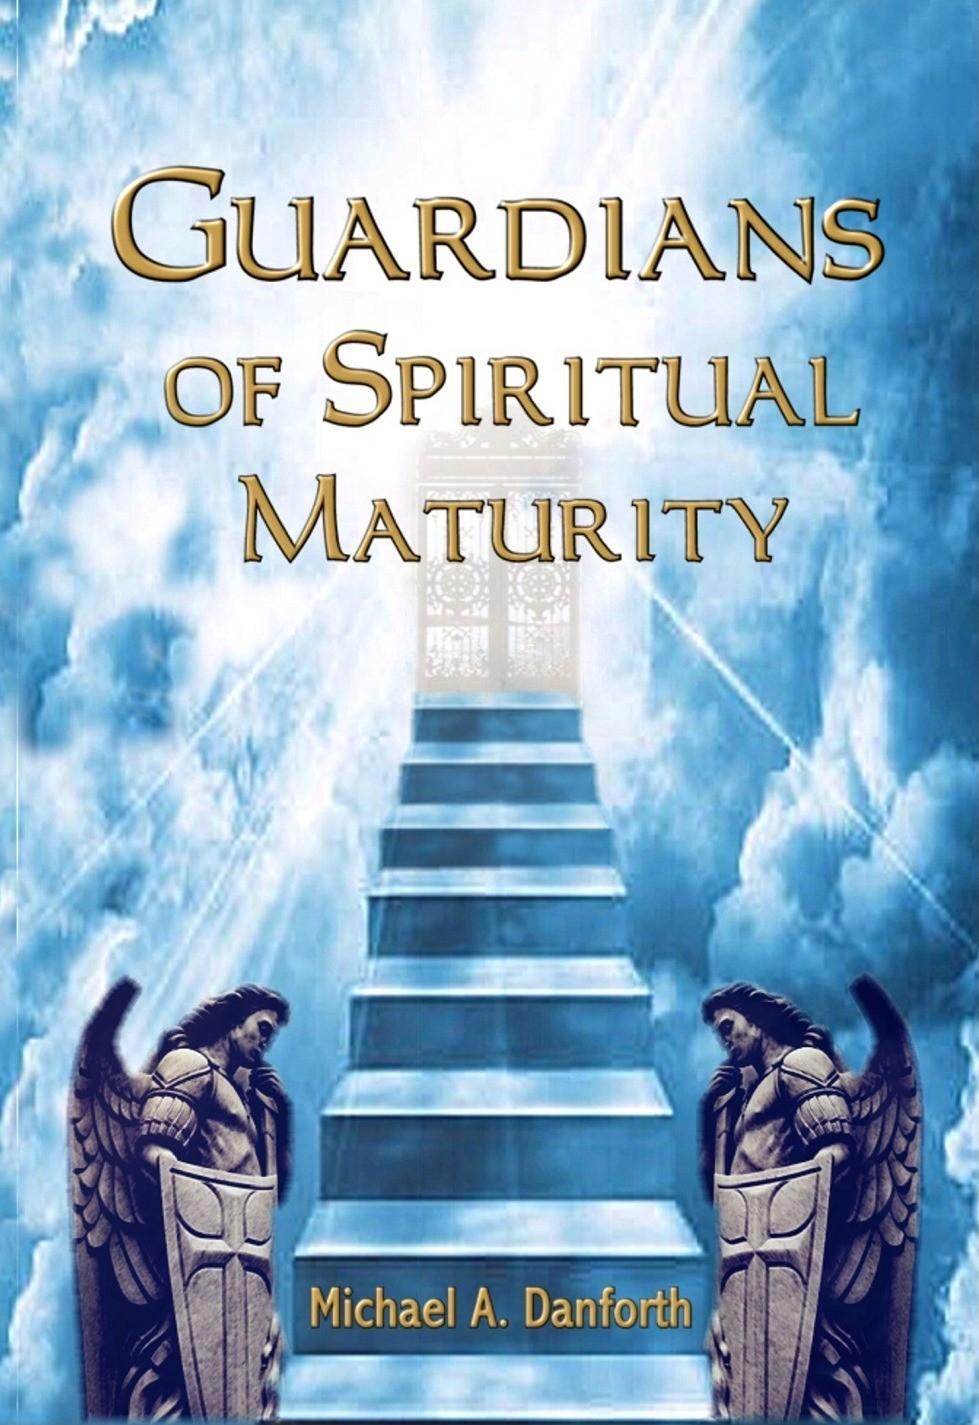 Guardians of Spiritual Maturity